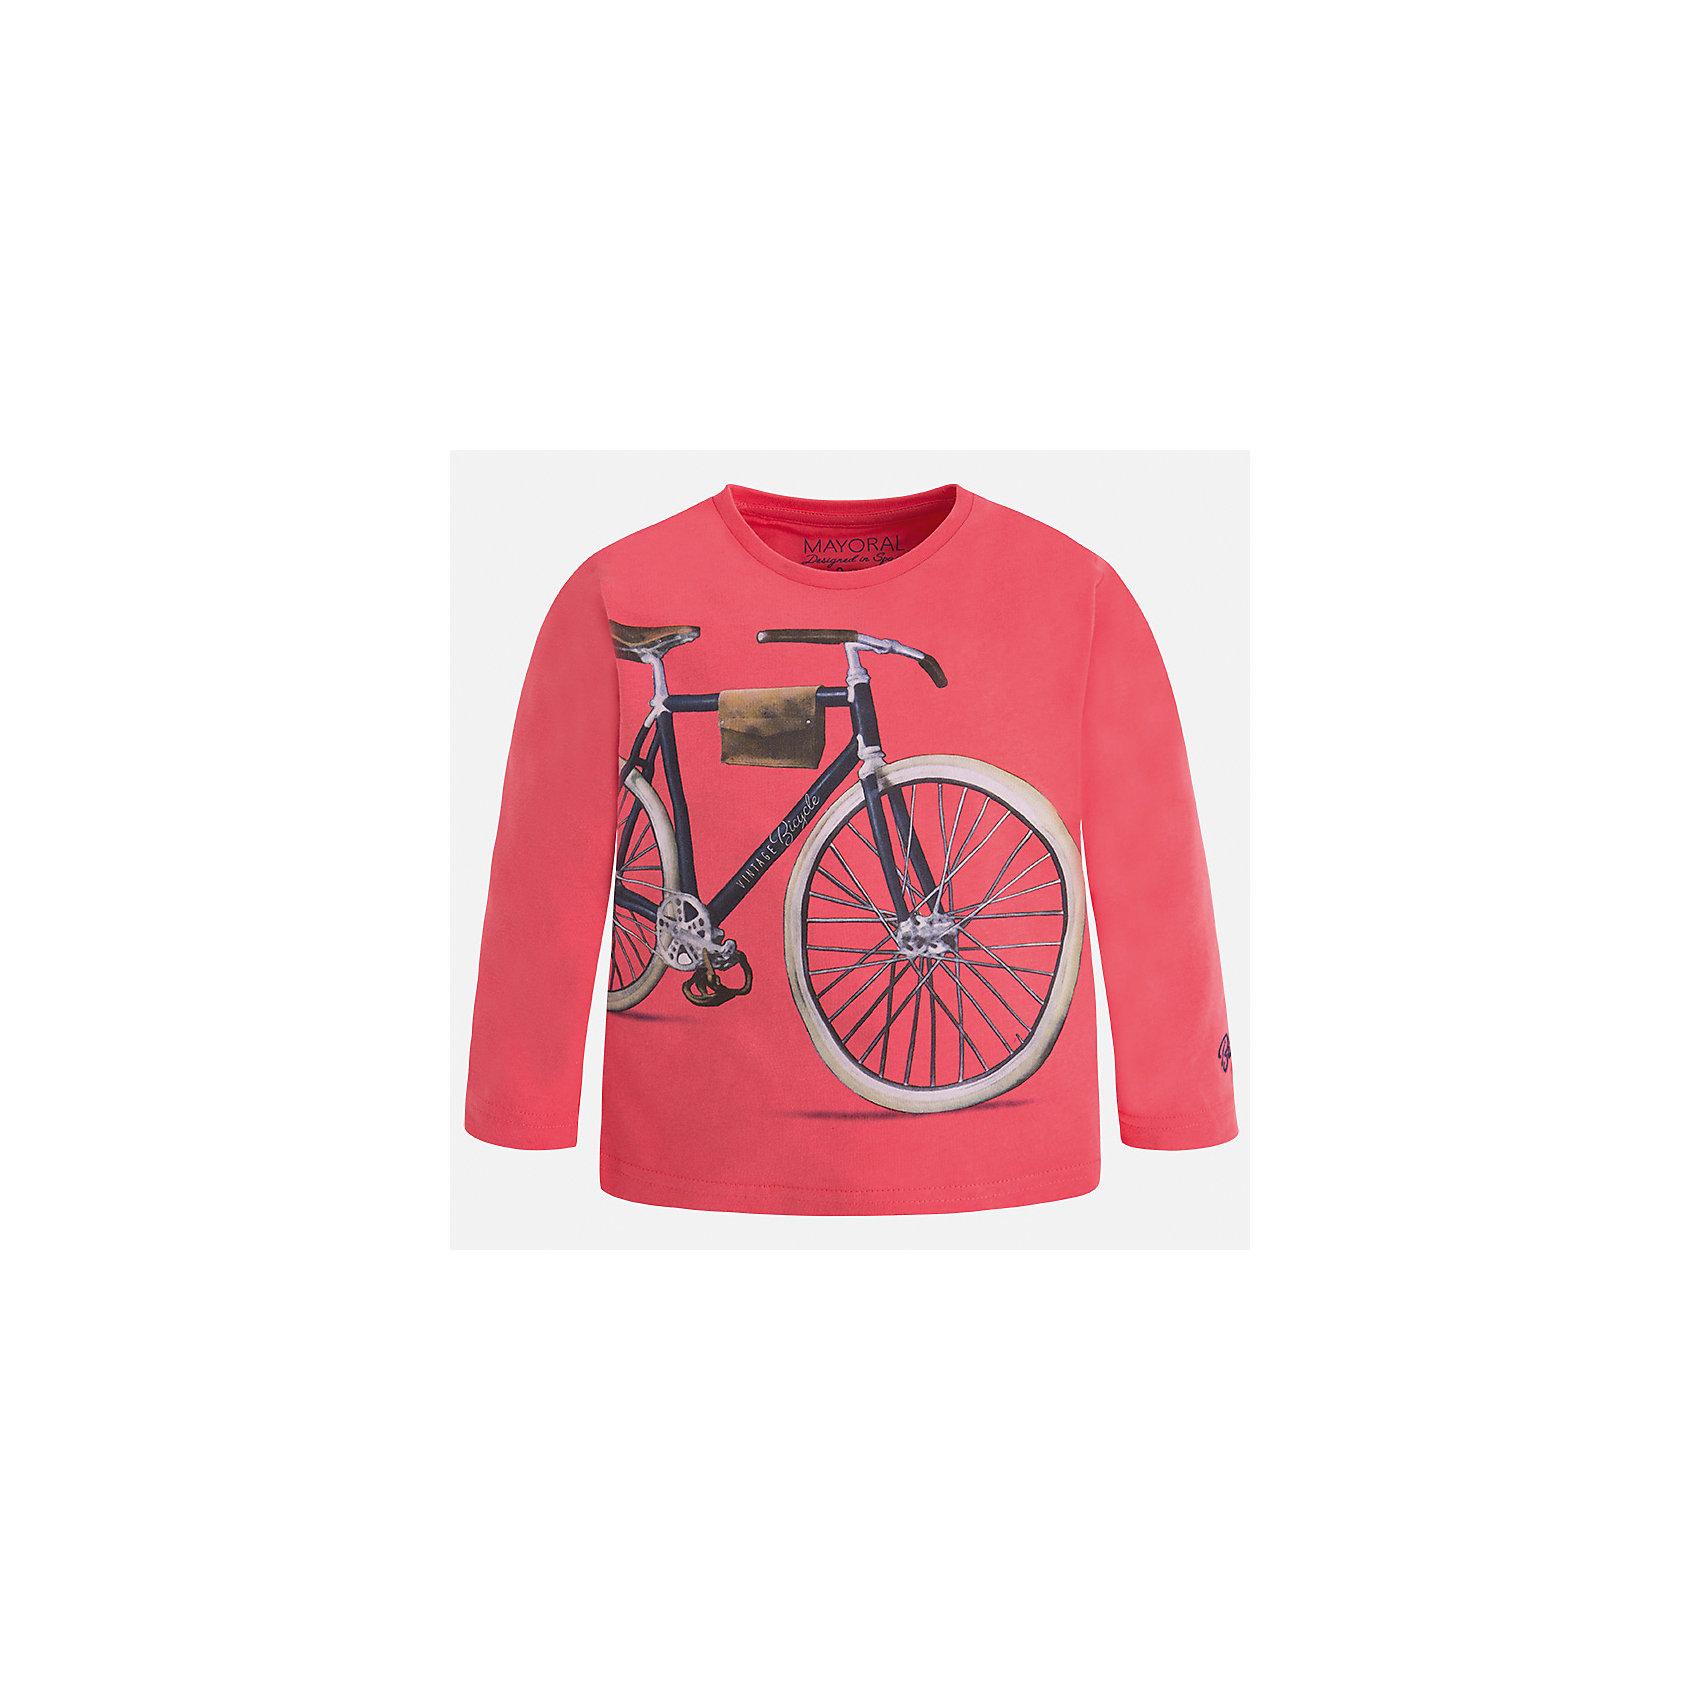 Футболка с длинным рукавом для мальчика MayoralФутболки с длинным рукавом<br>Характеристики товара:<br><br>• цвет: розовый<br>• состав: 100% хлопок<br>• круглый горловой вырез<br>• декорирована принтом<br>• длинные рукава<br>• отделка горловины<br>• страна бренда: Испания<br><br>Удобная модная футболка с принтом поможет разнообразить гардероб мальчика. Она отлично сочетается с брюками, шортами, джинсами. Универсальный крой и цвет позволяет подобрать к вещи низ разных расцветок. Практичное и стильное изделие! Хорошо смотрится и комфортно сидит на детях. В составе материала - только натуральный хлопок, гипоаллергенный, приятный на ощупь, дышащий. <br><br>Одежда, обувь и аксессуары от испанского бренда Mayoral полюбились детям и взрослым по всему миру. Модели этой марки - стильные и удобные. Для их производства используются только безопасные, качественные материалы и фурнитура. Порадуйте ребенка модными и красивыми вещами от Mayoral! <br><br>Футболку с длинным рукавом для мальчика от испанского бренда Mayoral (Майорал) можно купить в нашем интернет-магазине.<br><br>Ширина мм: 230<br>Глубина мм: 40<br>Высота мм: 220<br>Вес г: 250<br>Цвет: розовый<br>Возраст от месяцев: 72<br>Возраст до месяцев: 84<br>Пол: Мужской<br>Возраст: Детский<br>Размер: 122,134,128,116,110,104,98,92<br>SKU: 5280219